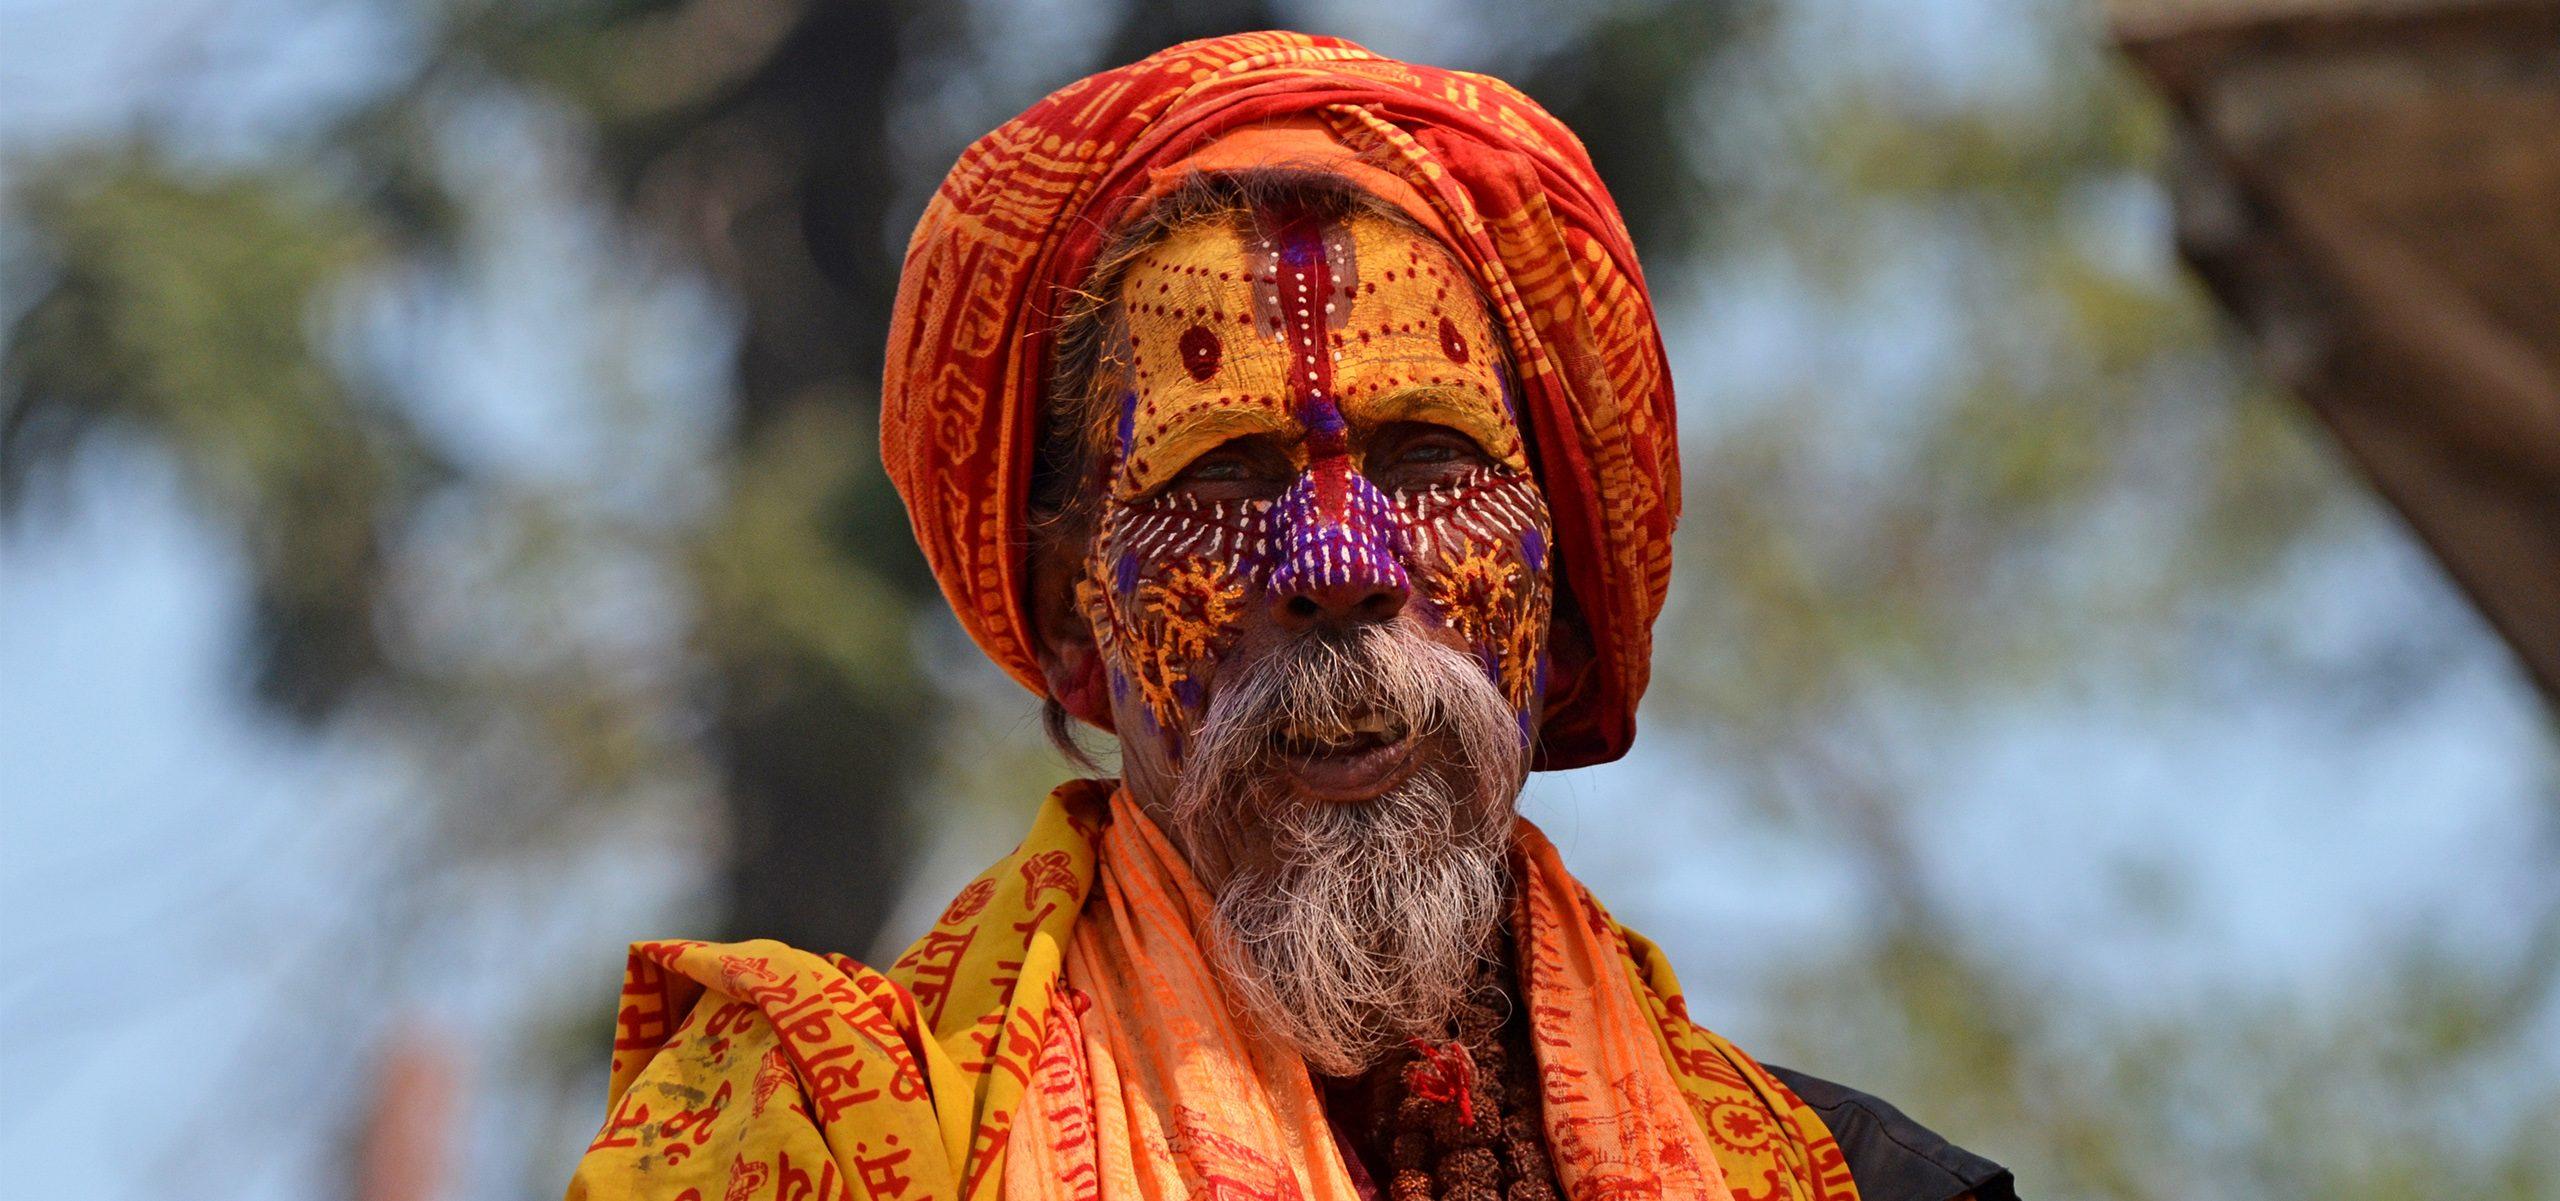 Nepal-Sadu-People